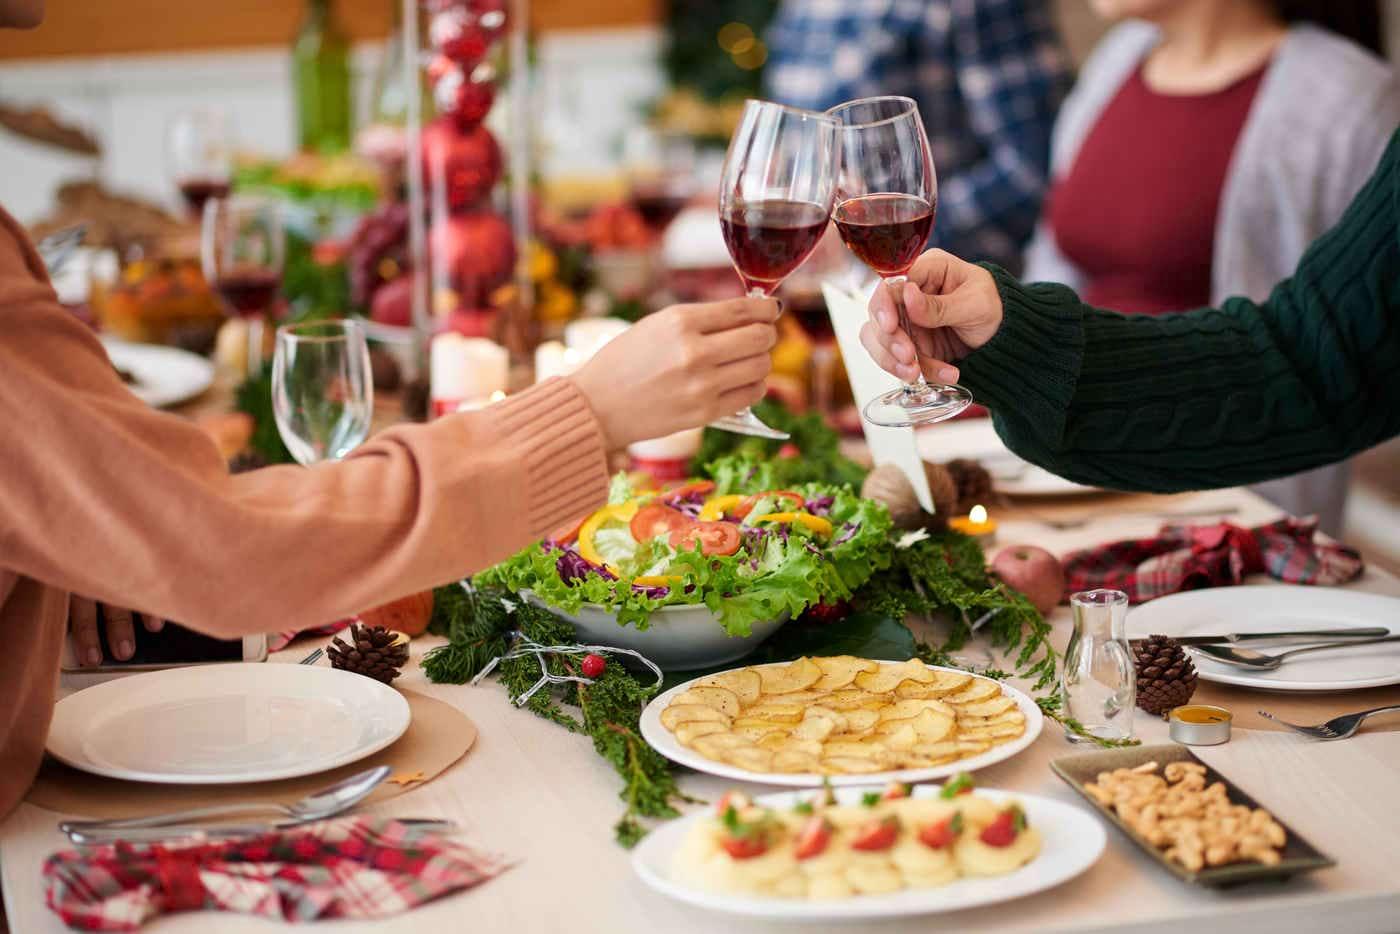 Cum îți protejezi organismul de excesul de grăsimi în preajma sărbătorilor?